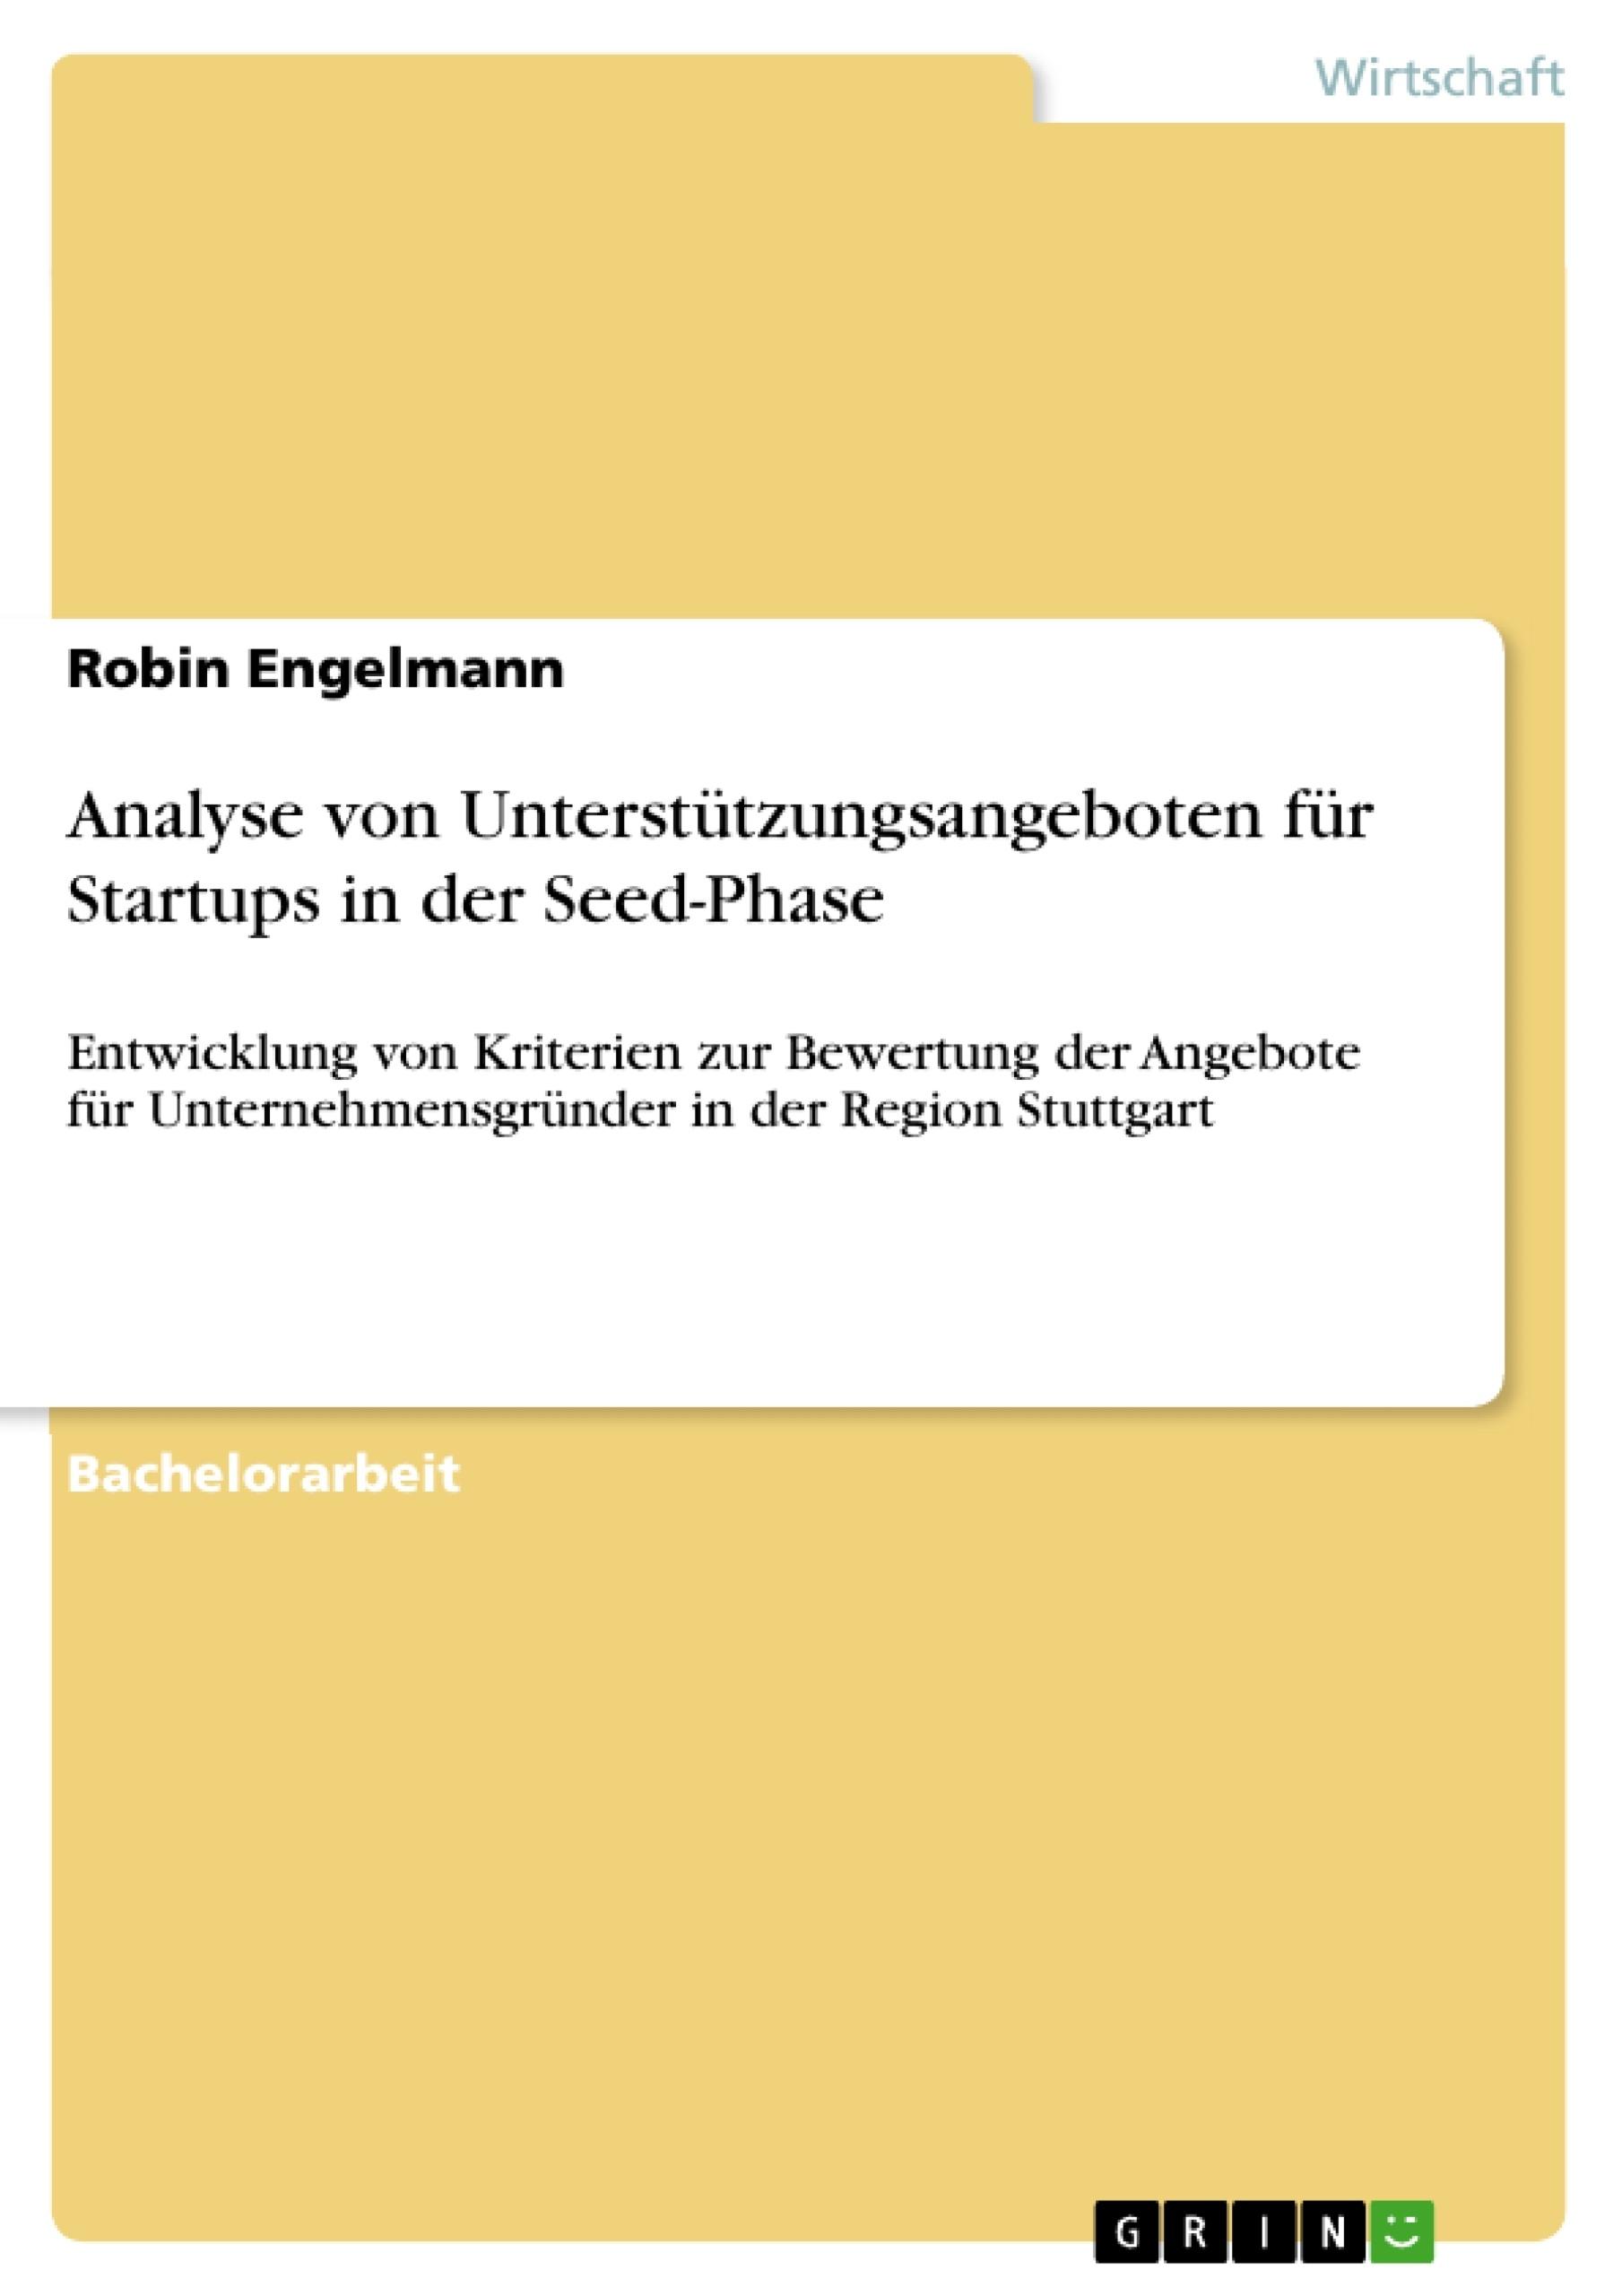 Titel: Analyse von Unterstützungsangeboten für Startups in der Seed-Phase